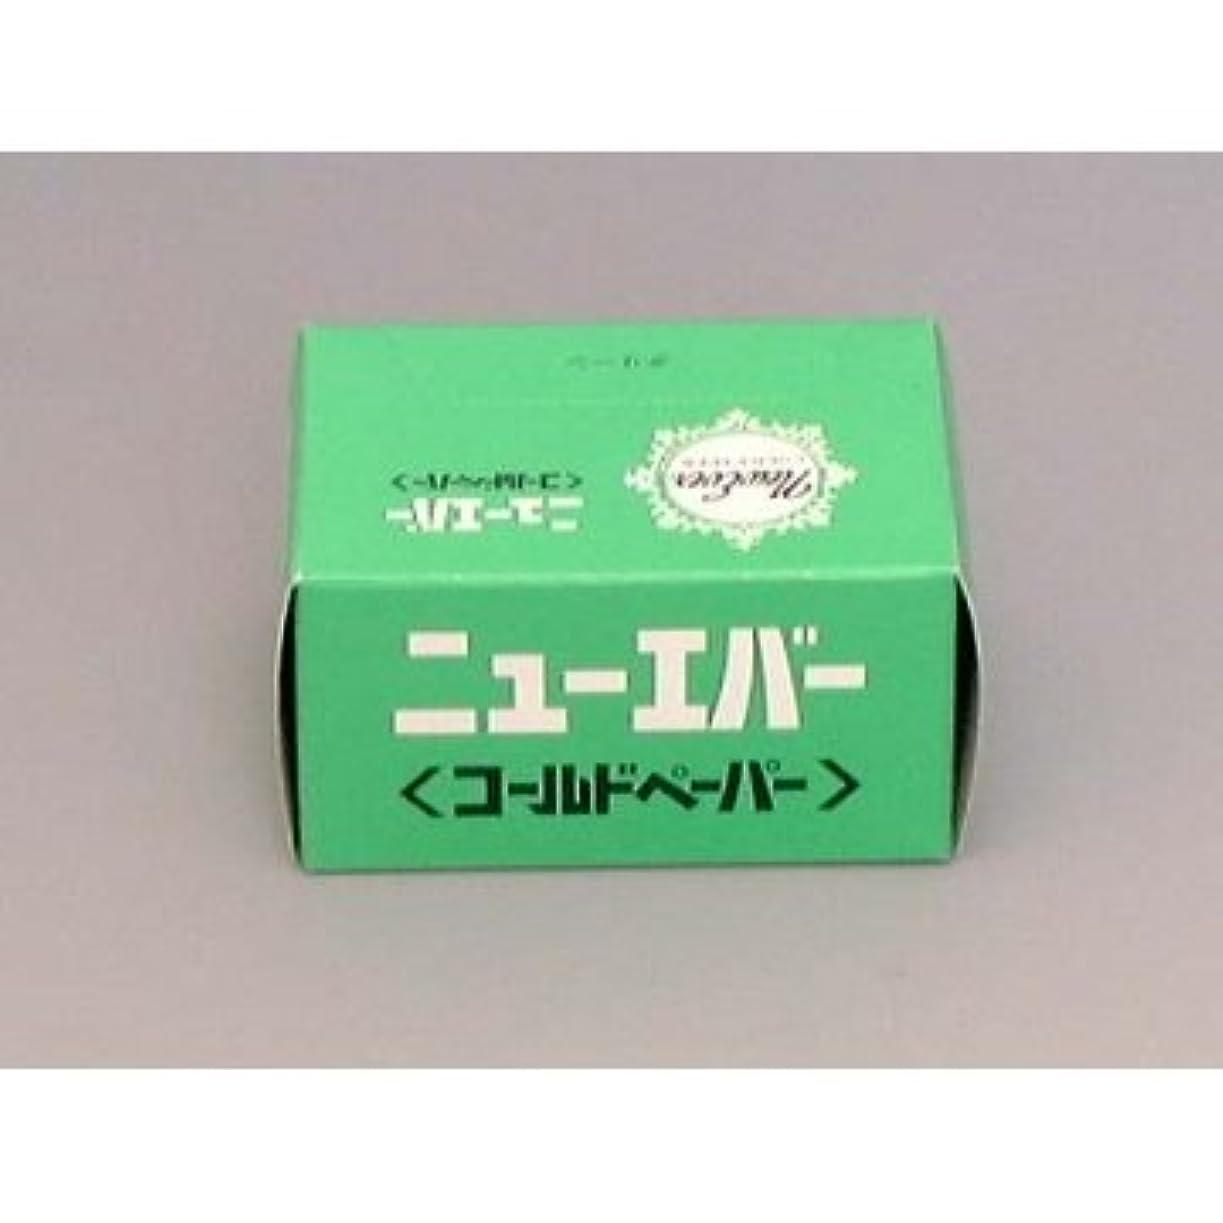 見て鮮やかな引き出す米正 ニューエバー コールドペーパー グリーン スモールサイズ 300枚入